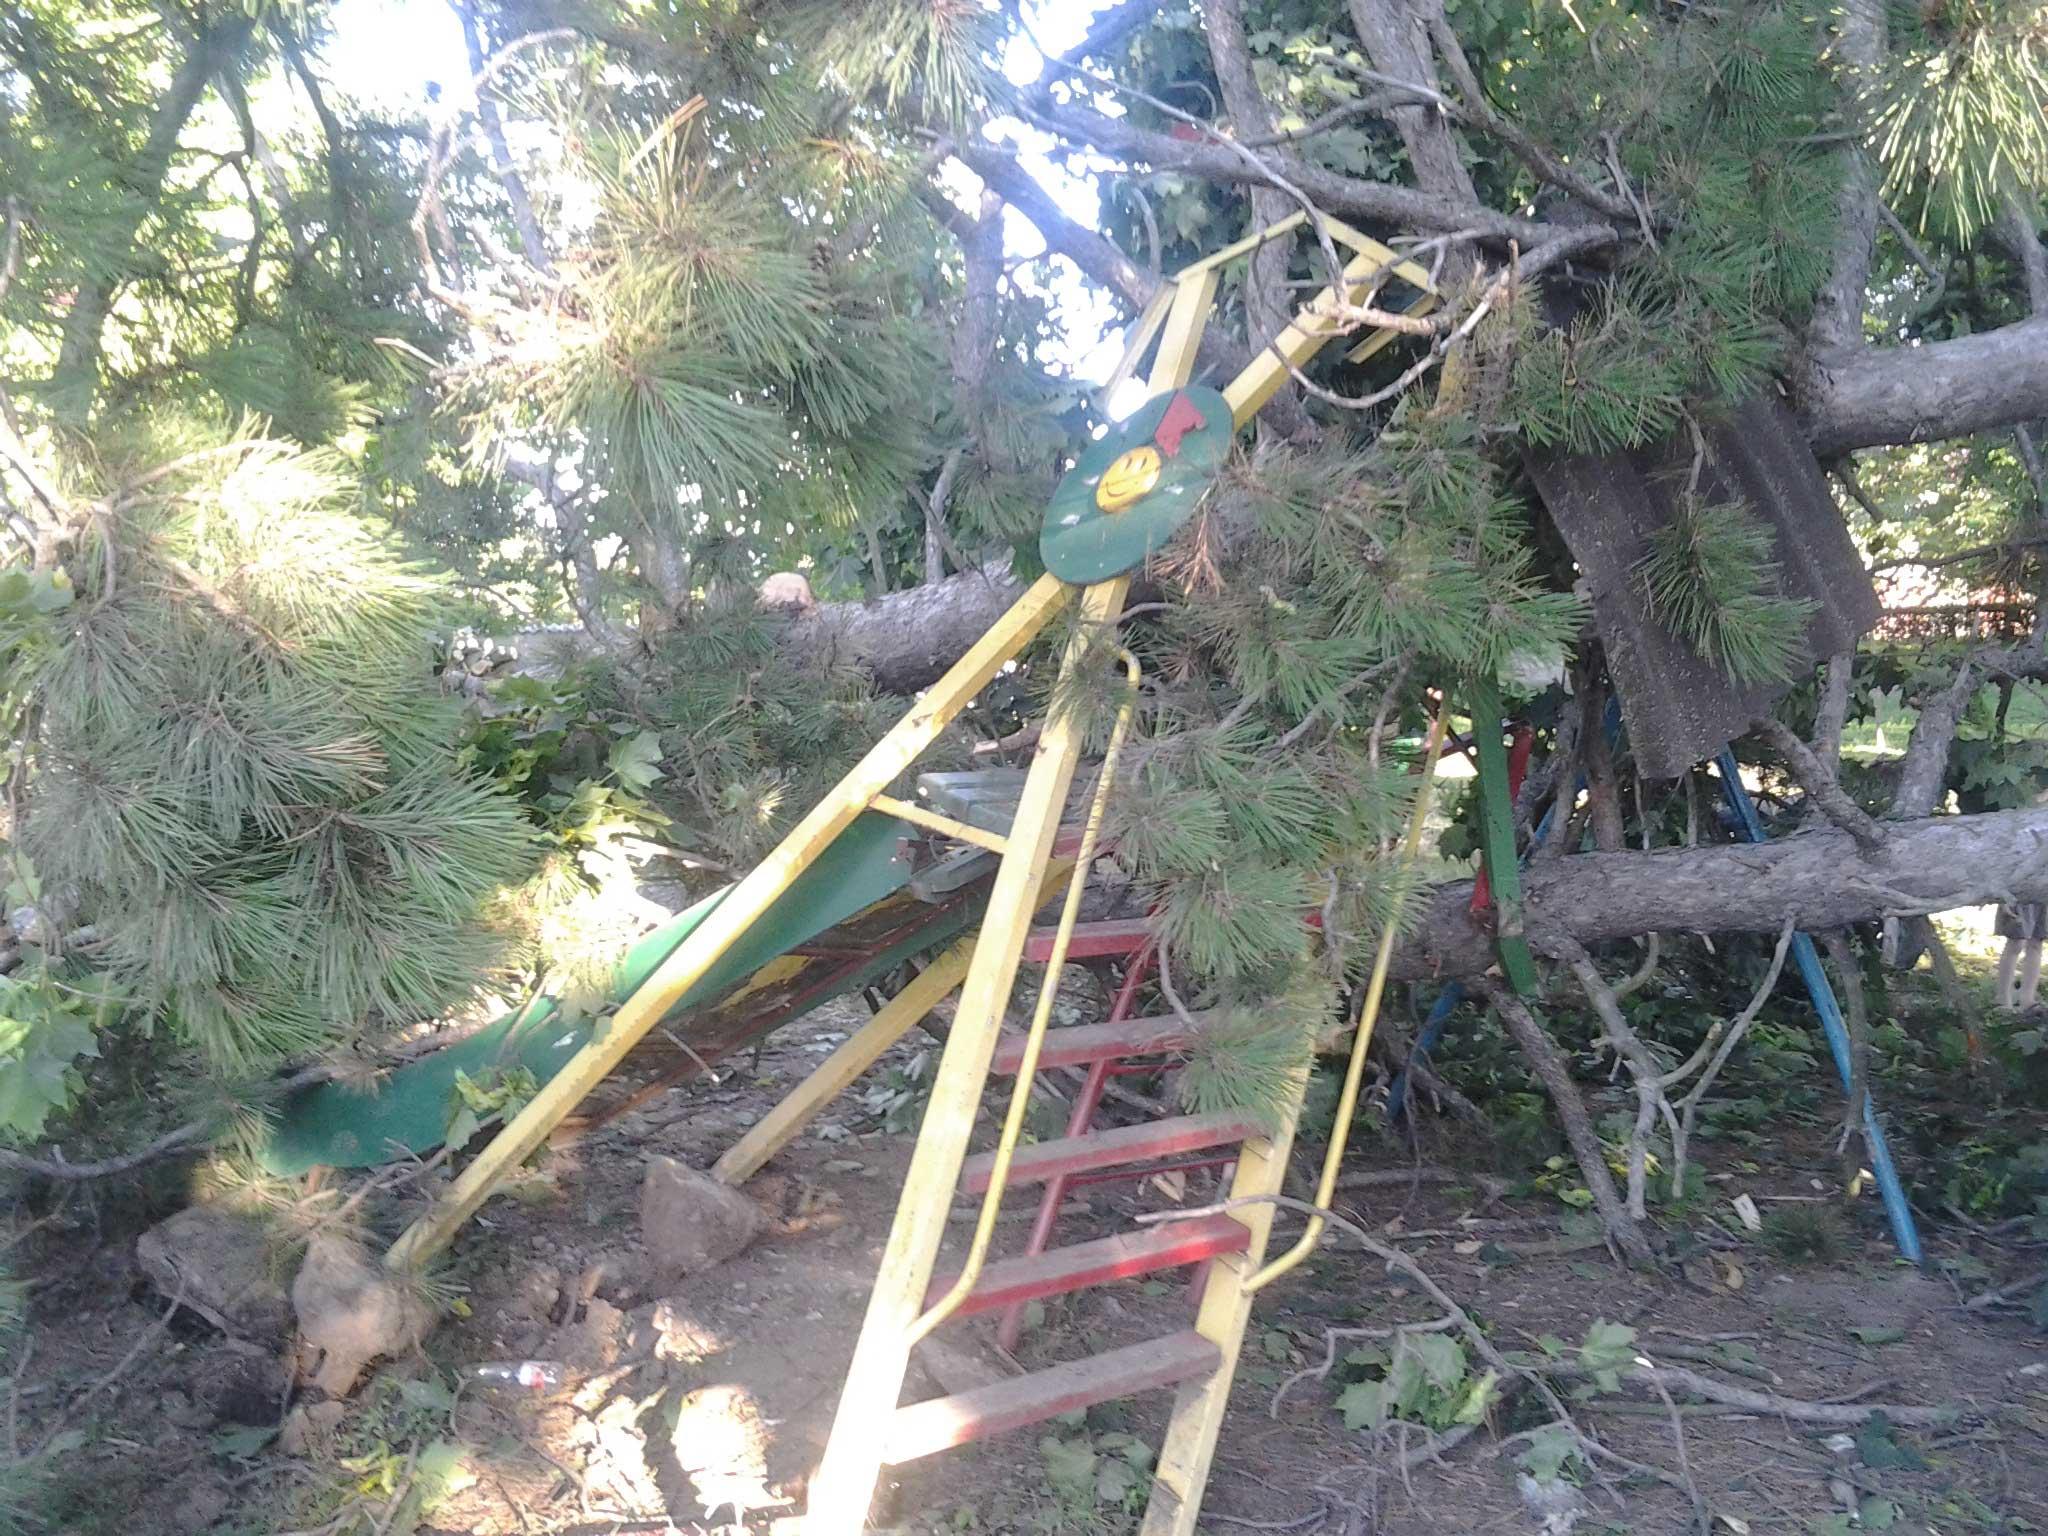 Зруйнована дитяча гірка і гойдалка на території школи мистецтв у Королеві